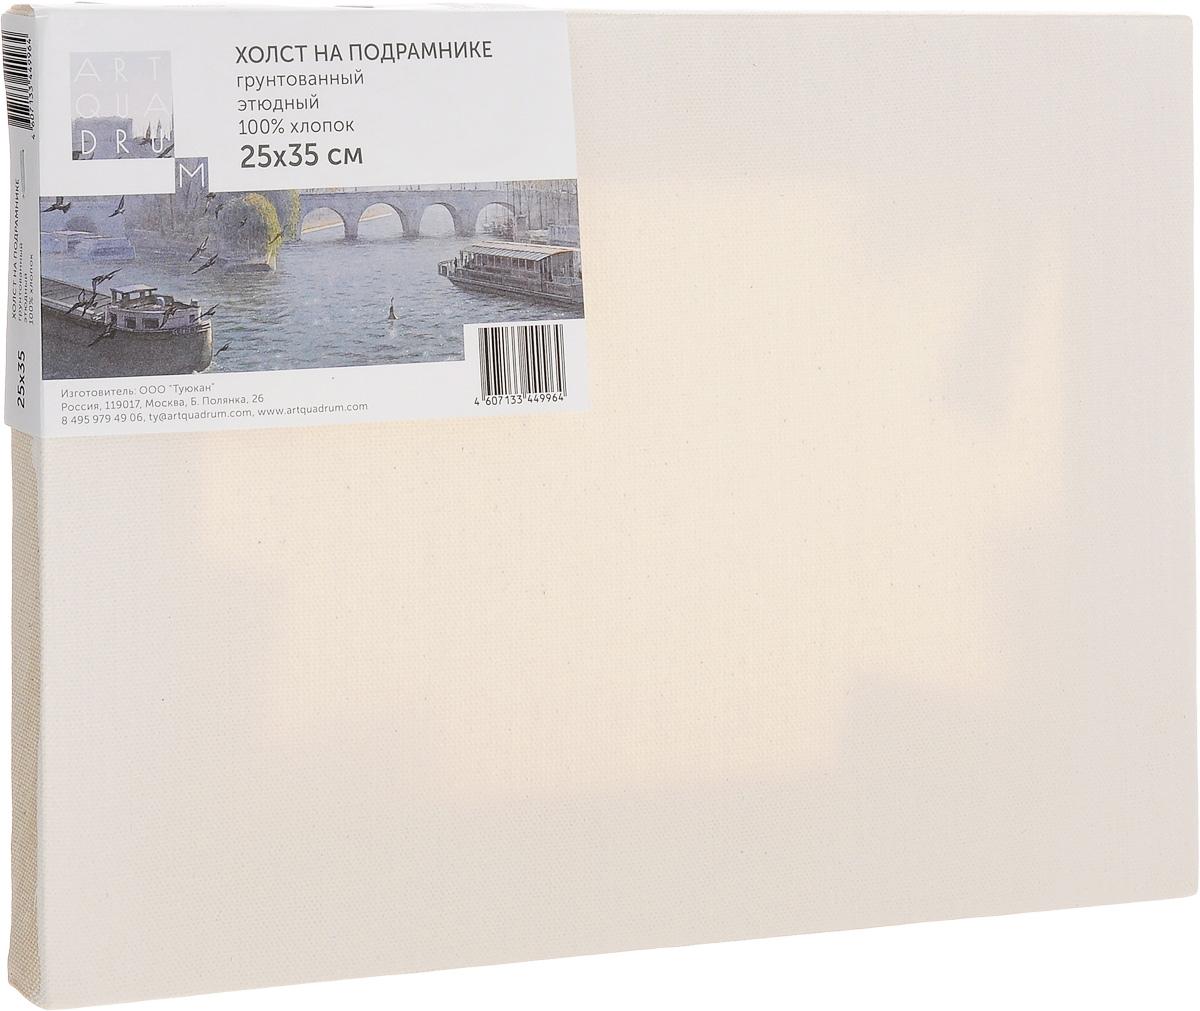 Холст на подрамнике Туюкан Этюдный, 25 х 35 смТ0015331Холст для живописи грунтованный на подрамнике. Идеально подходит для работы маслом, акрилом. 100% хлопок.